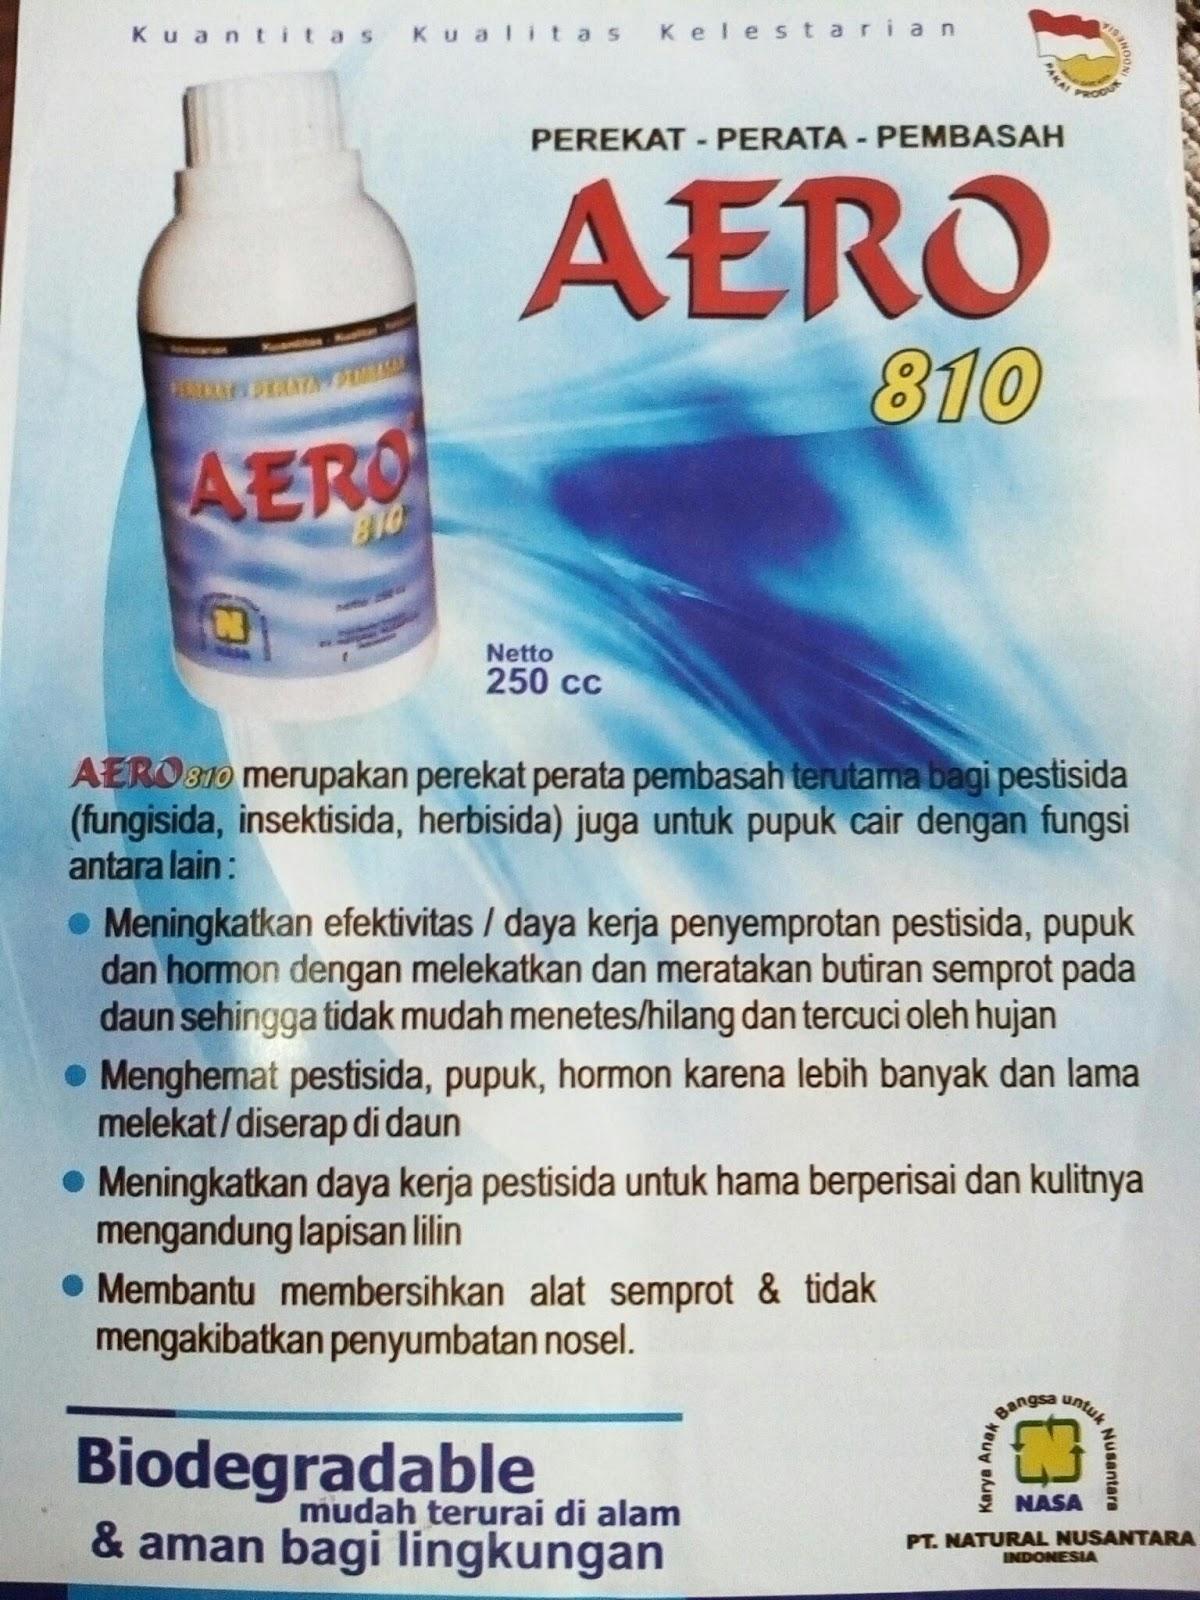 Agen Member Distributor Aero 810 Nasa Perekat Peratah Pembasah Penan Cara Daftar Gabung Di Pusat Pendaftaran Reseller Baru Pt